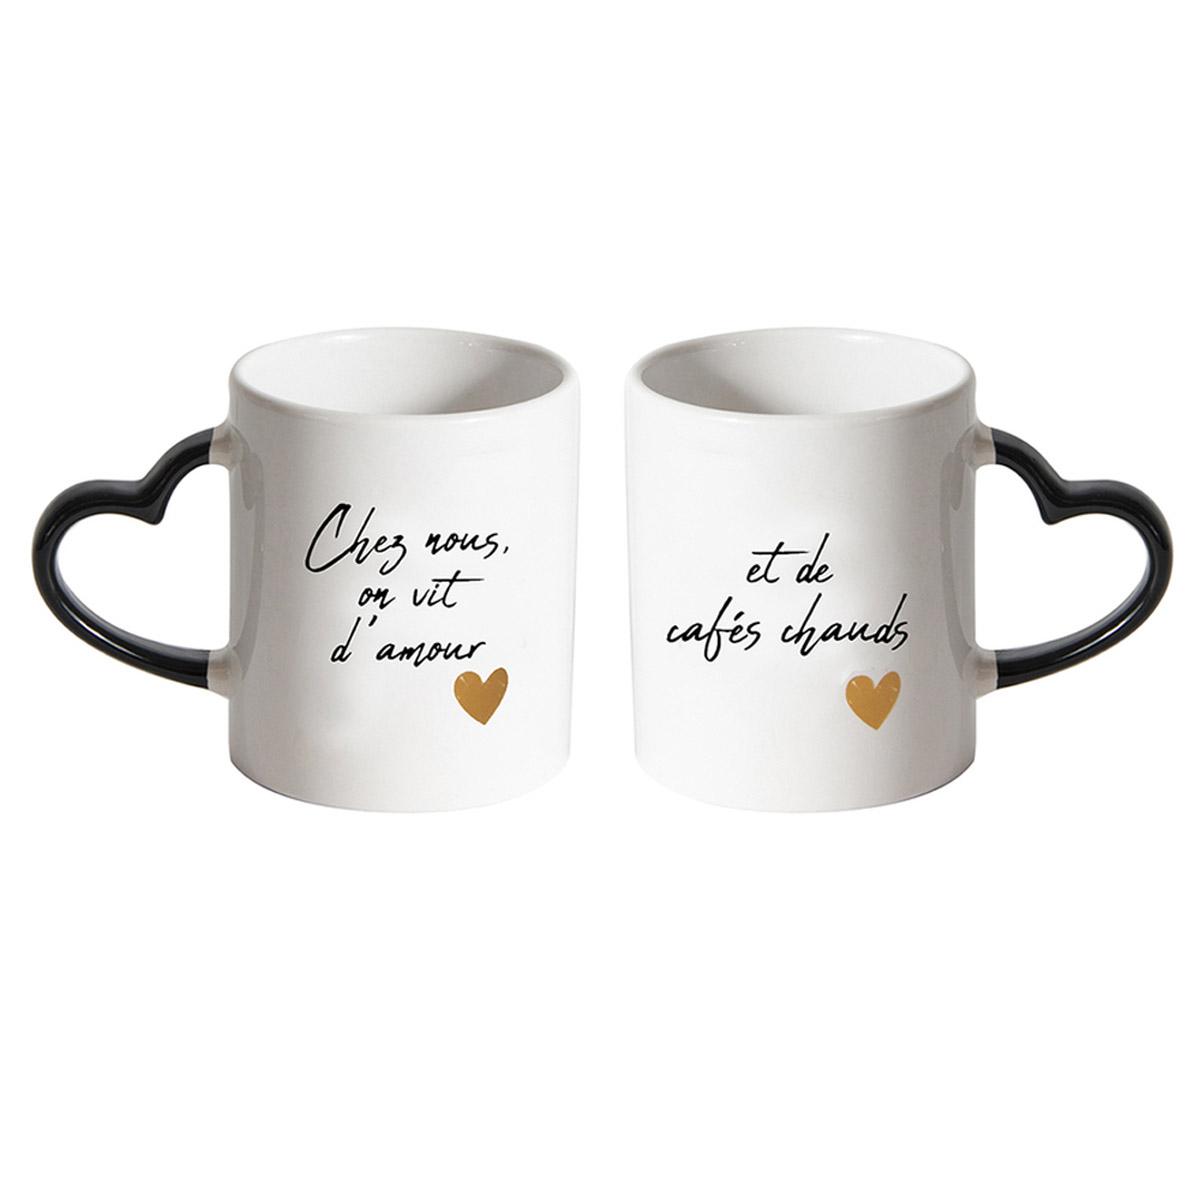 2 mugs céramique \'Mots d\'Amour\' blanc noir (Chez nous on vit d\'amour et de cafés chauds) - 95x80 mm  - [R2422]